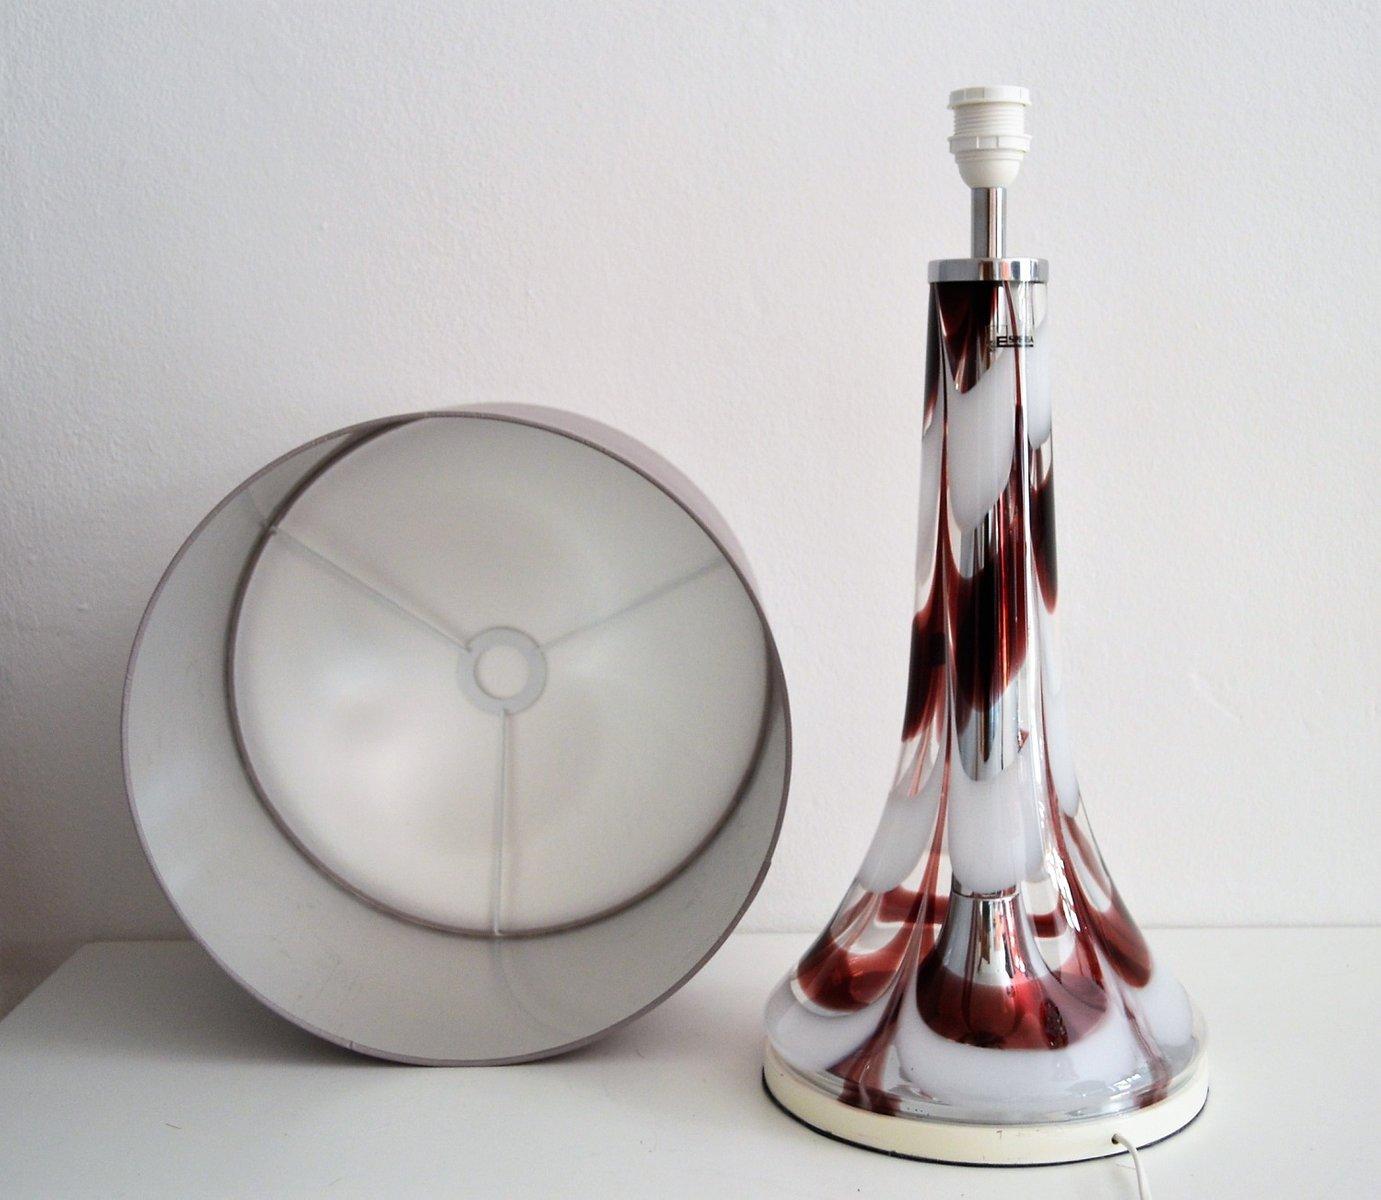 italienische tischlampe aus glas chrom von esperia 1970er bei pamono kaufen. Black Bedroom Furniture Sets. Home Design Ideas